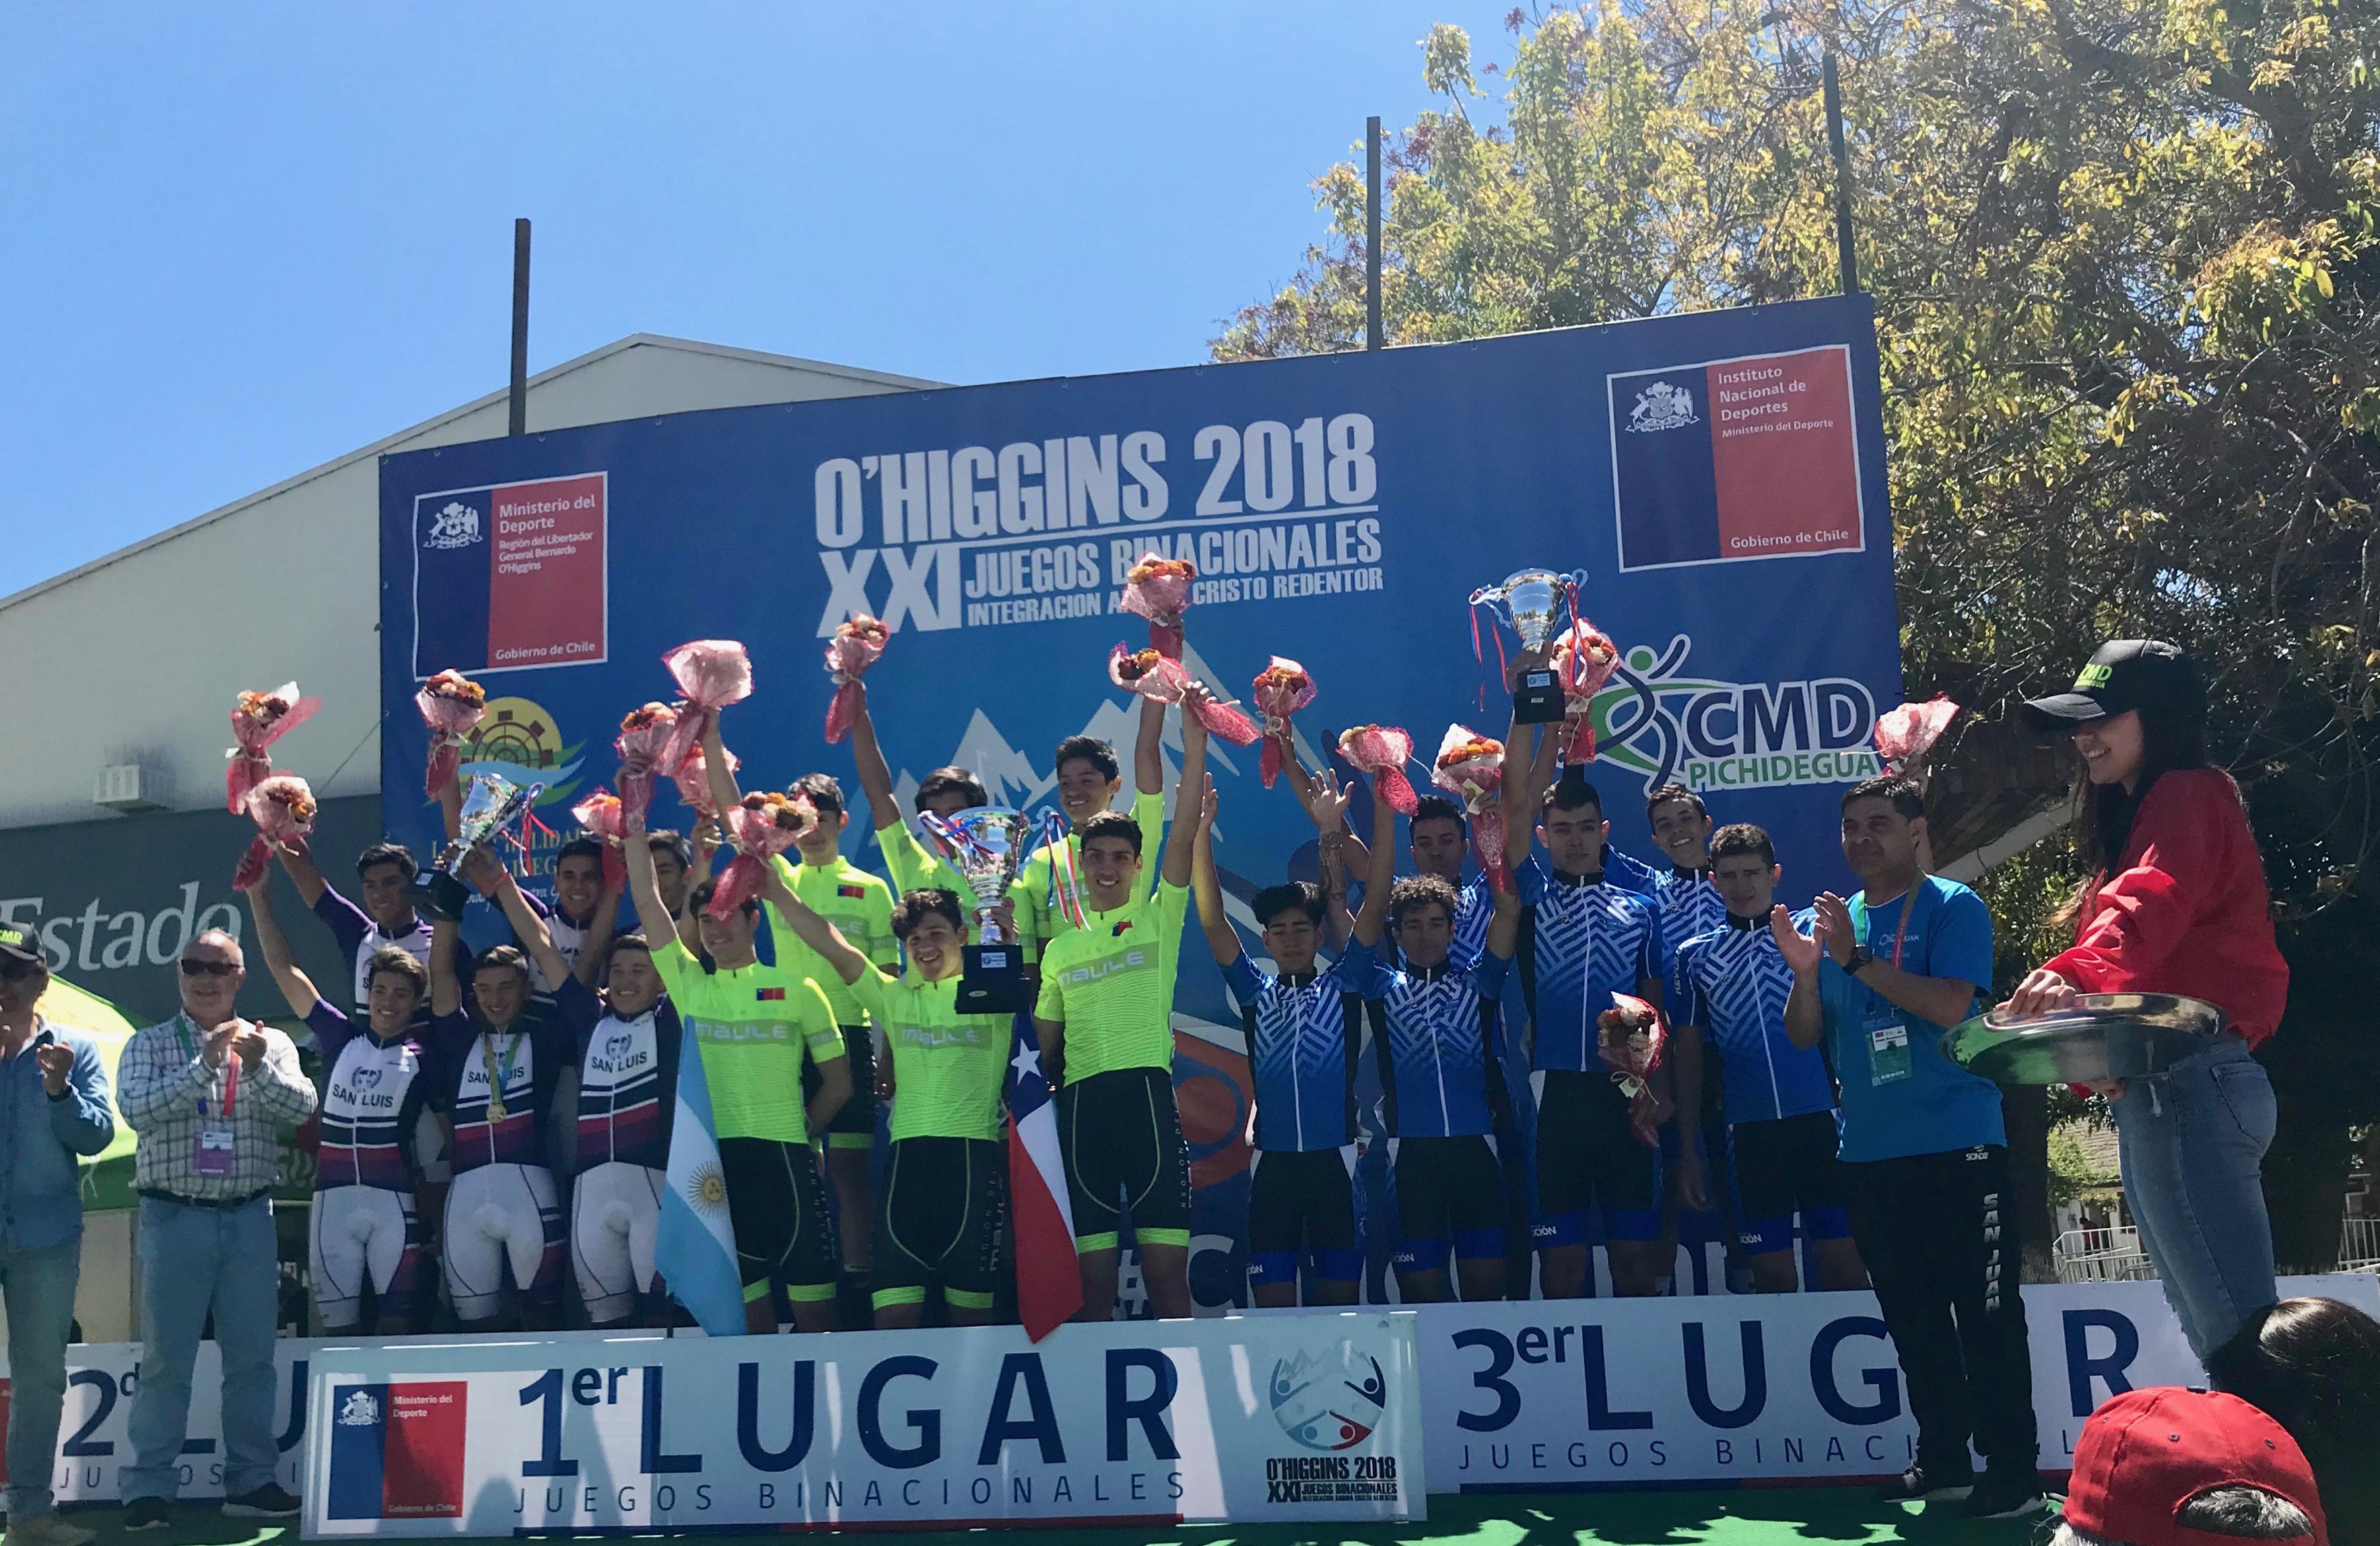 Juegos Binacionales: San Luis triunfa en ciclismo de fondo en Pichidegua